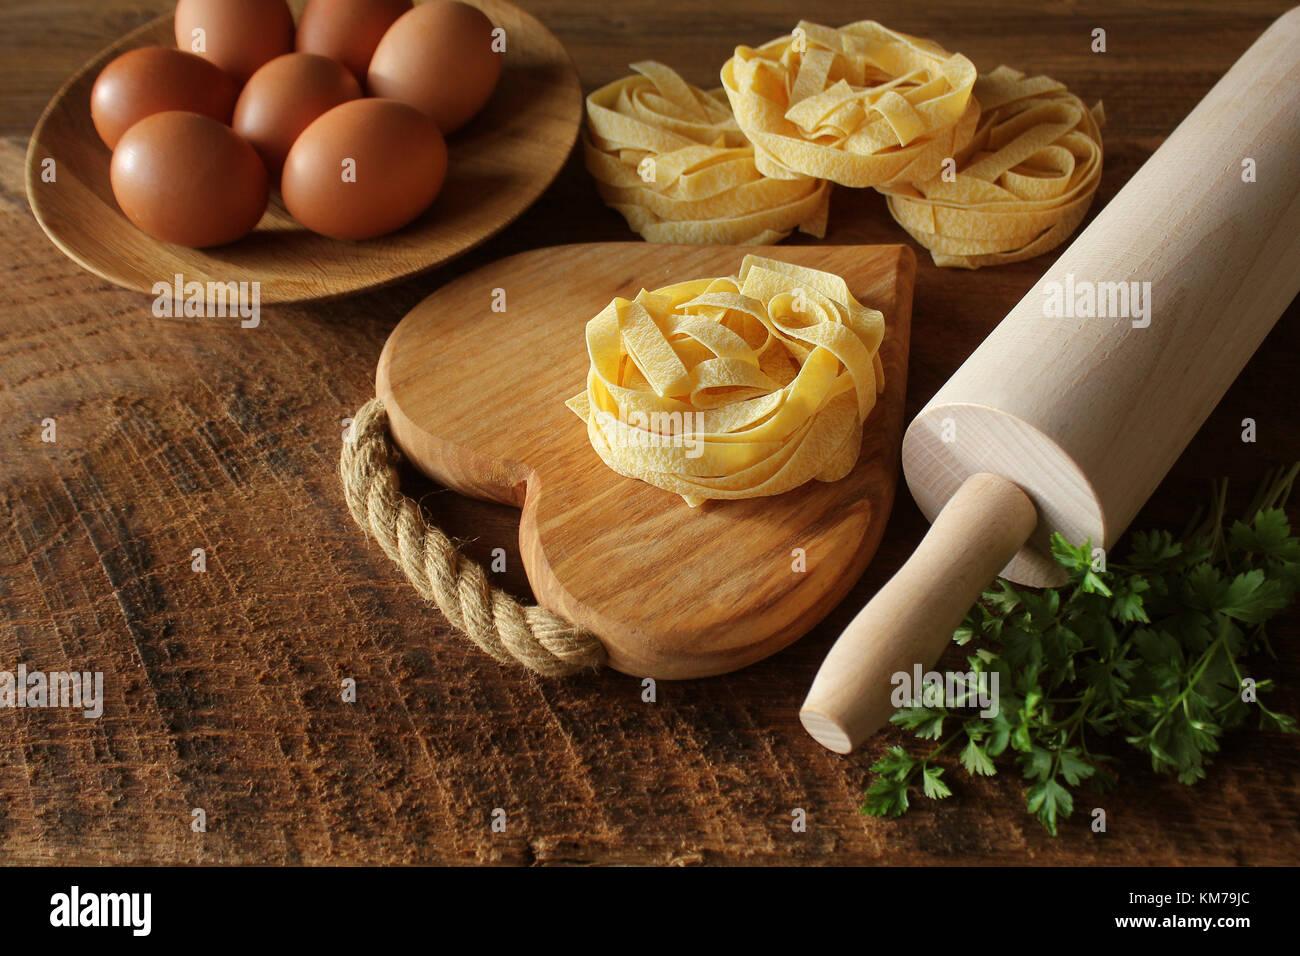 Les pâtes italiennes tagliatelles sur planche de bois et le rouleau à pâtisserie sur fond rustique. Photo Stock